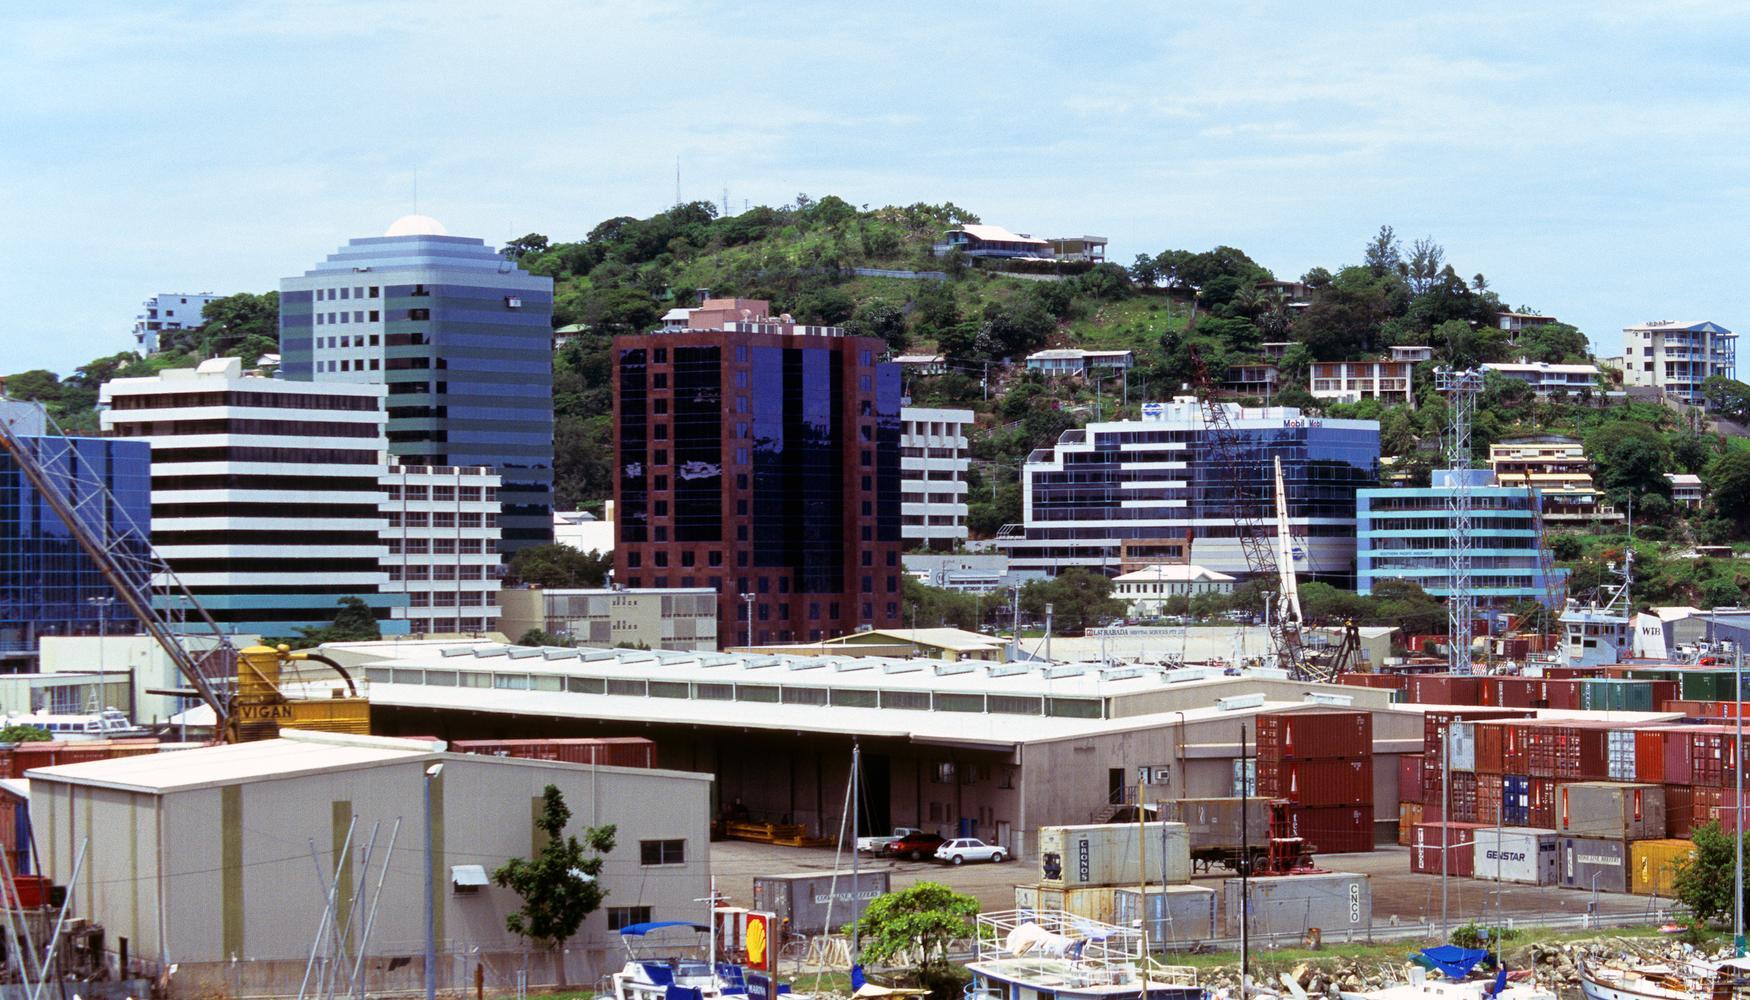 Auto de alquiler en Aeropuerto Puerto Moresby Jackson Fld